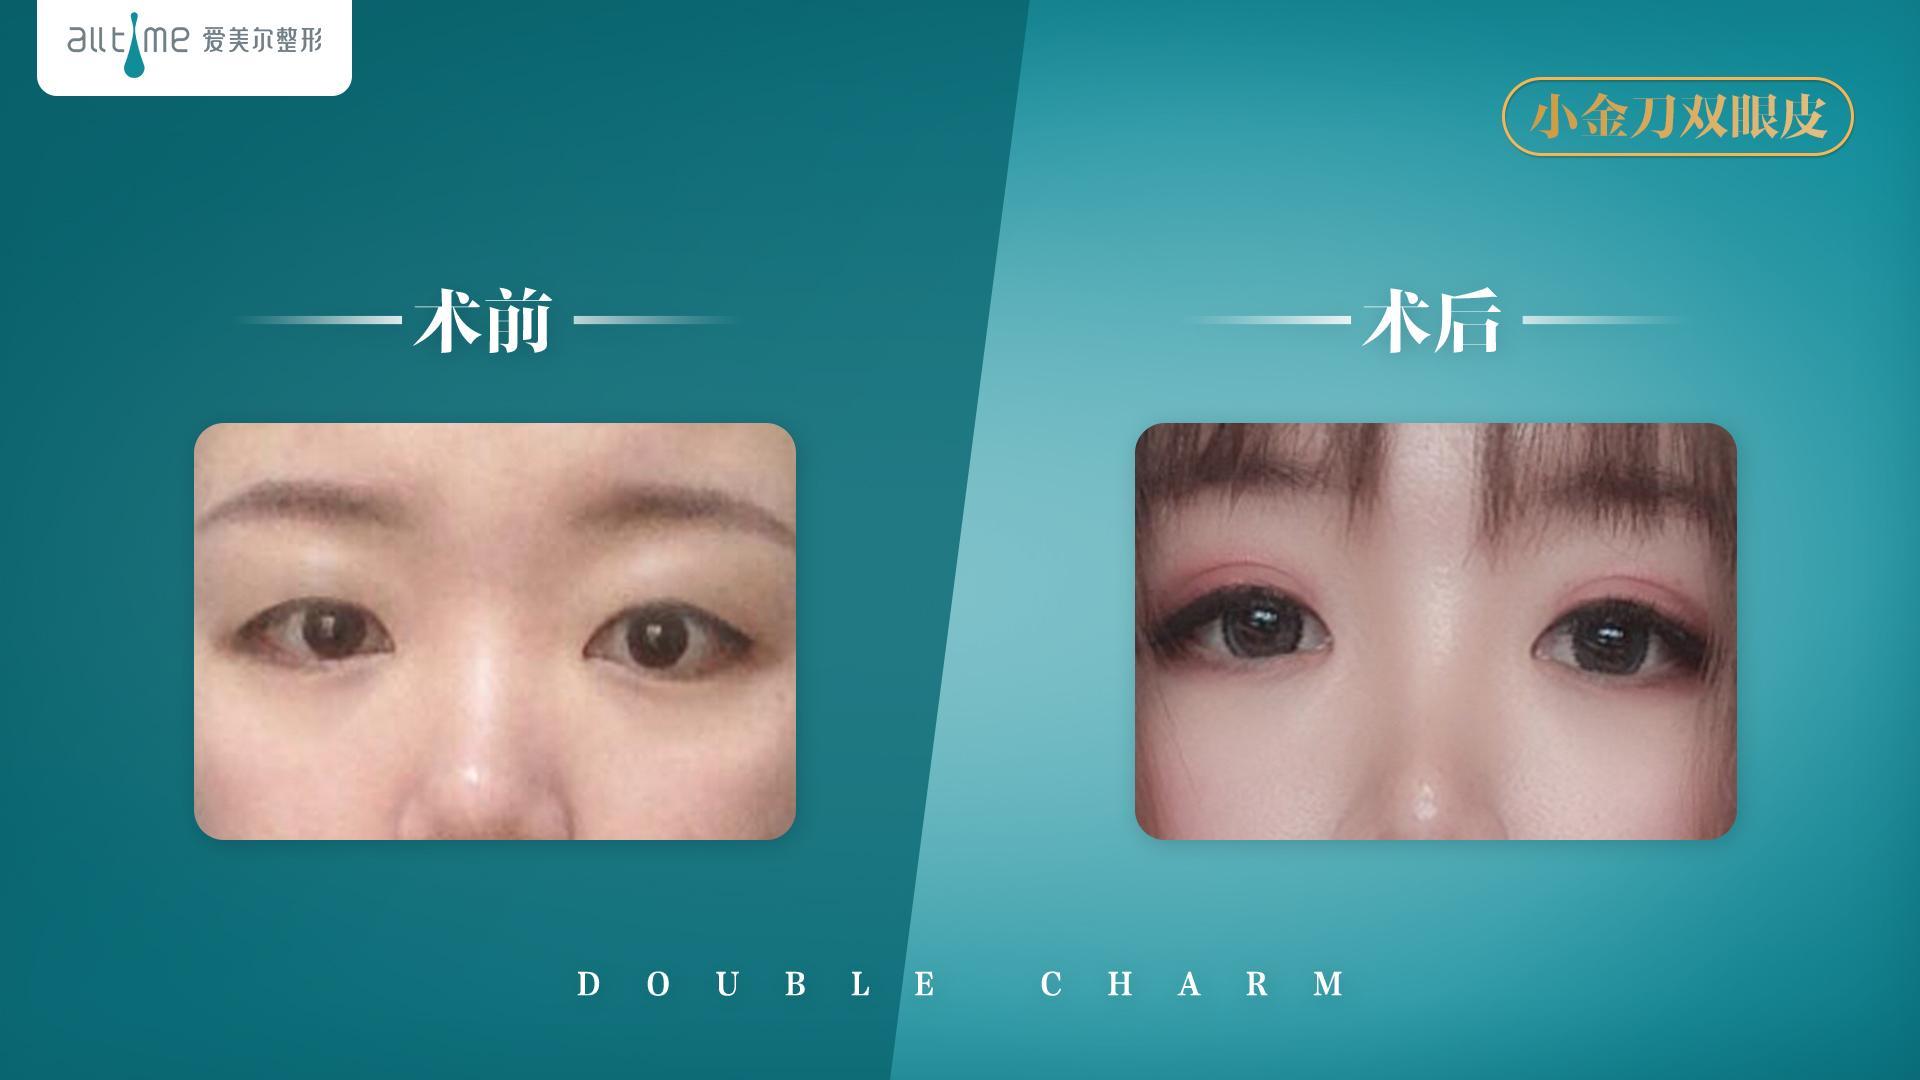 福州爱美尔鼻修复+双眼皮案例分享,我又重新找回自信了